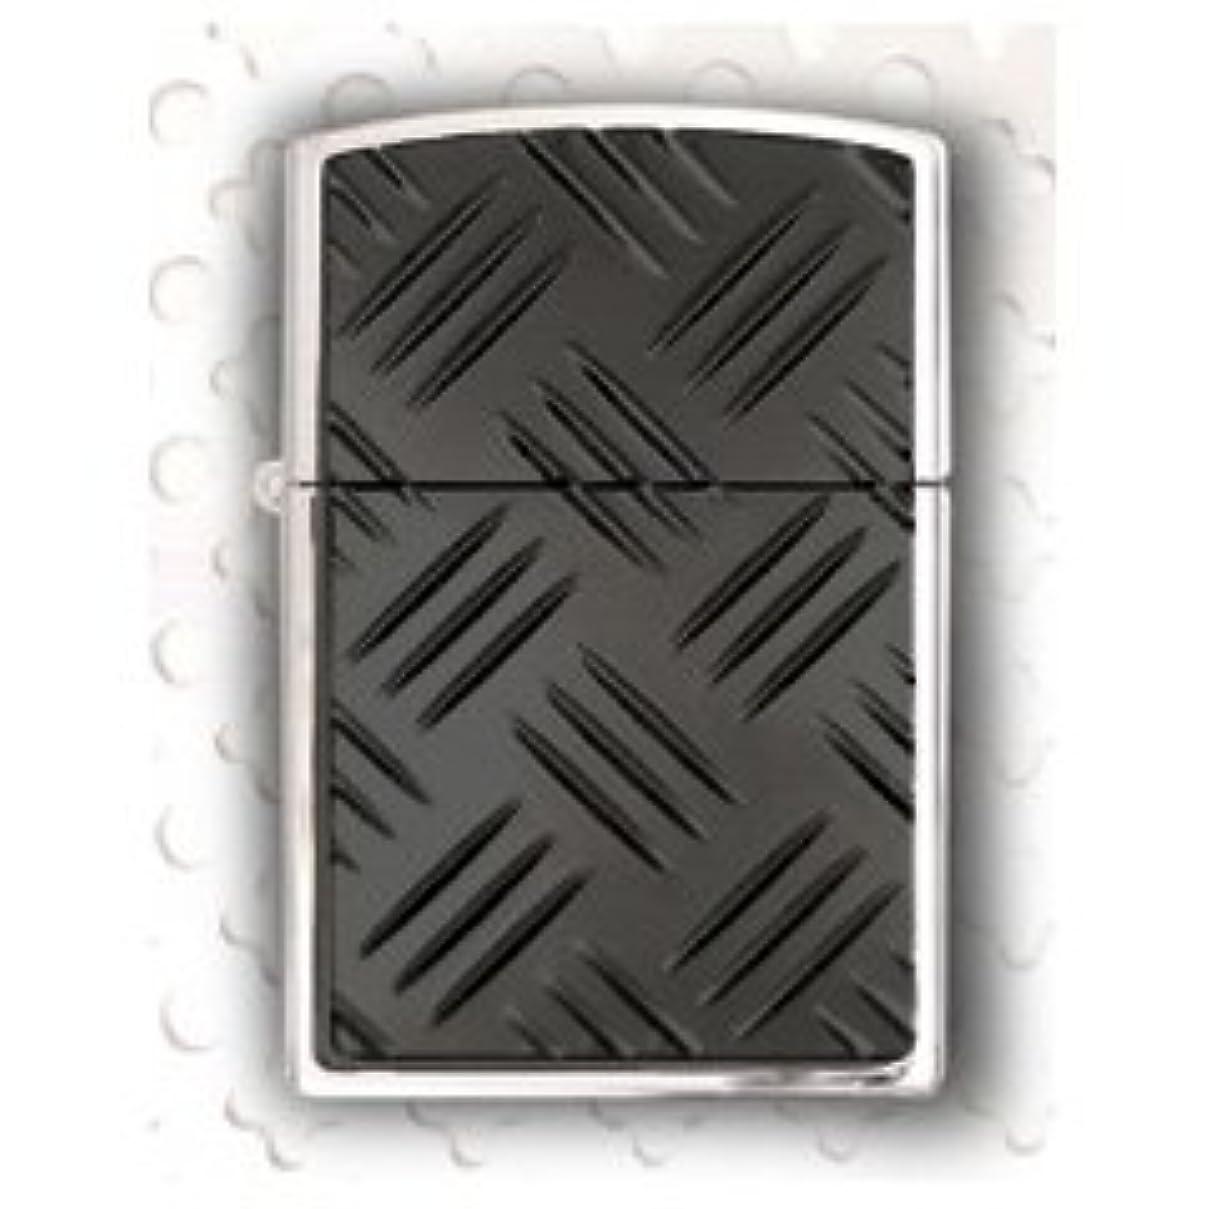 【ジャピタ アトマイザー】アトマイター AT701024 縞板 スリーピースボード セウスブラック 1.5ml